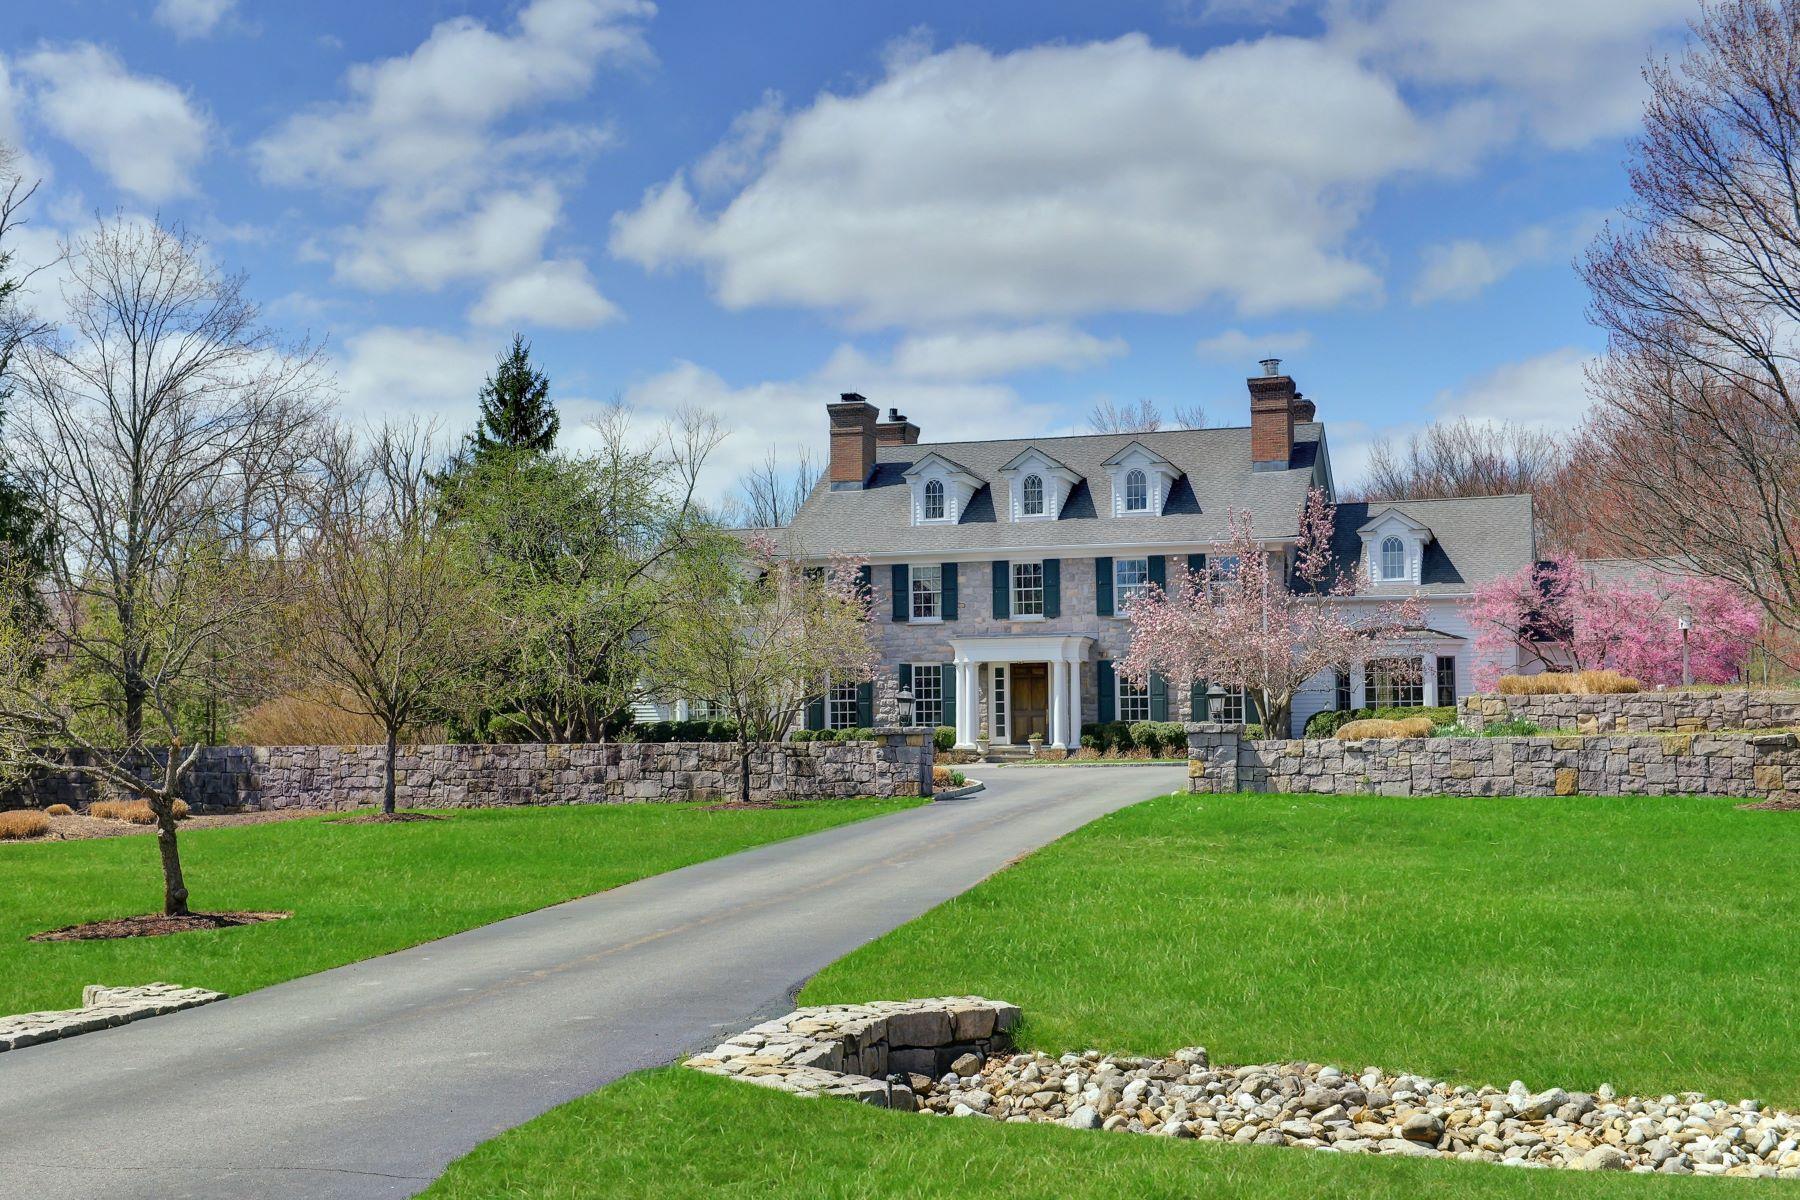 Casa Unifamiliar por un Venta en Spacious Colonial Estate 99 Treadwell Avenue, Harding Township, Nueva Jersey 07940 Estados Unidos